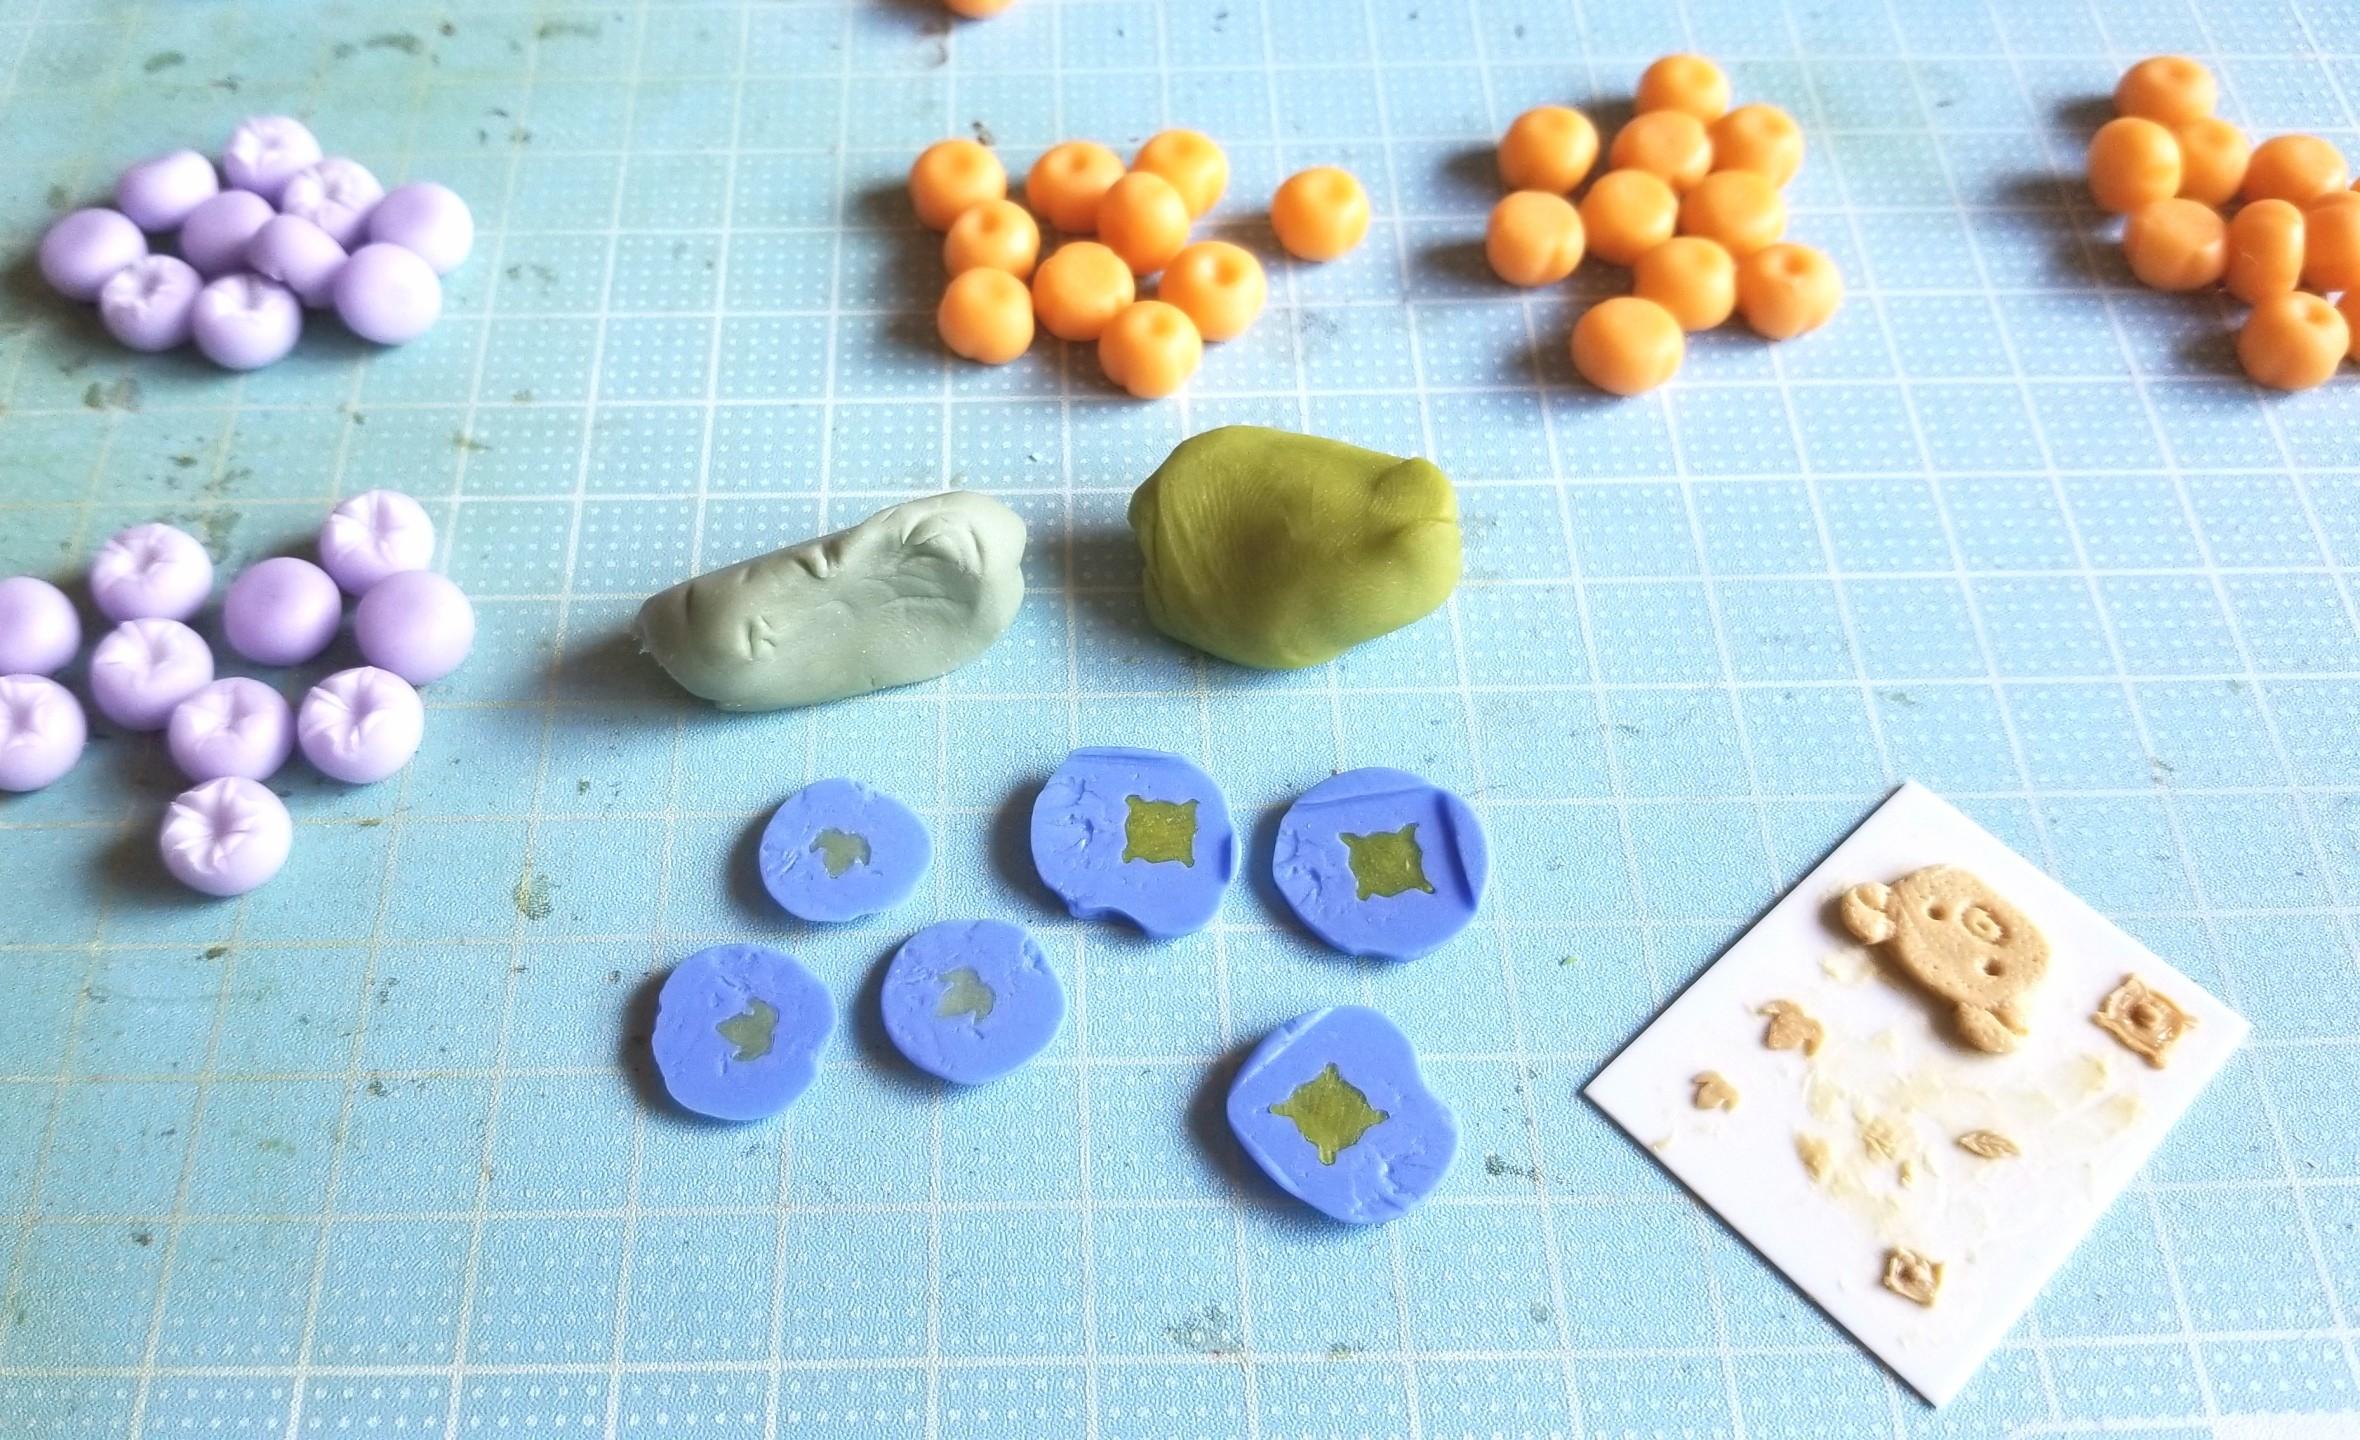 ミニチュアフード,葉っぱ,和菓子,柿,朝顔,作り方,樹脂粘土,複製